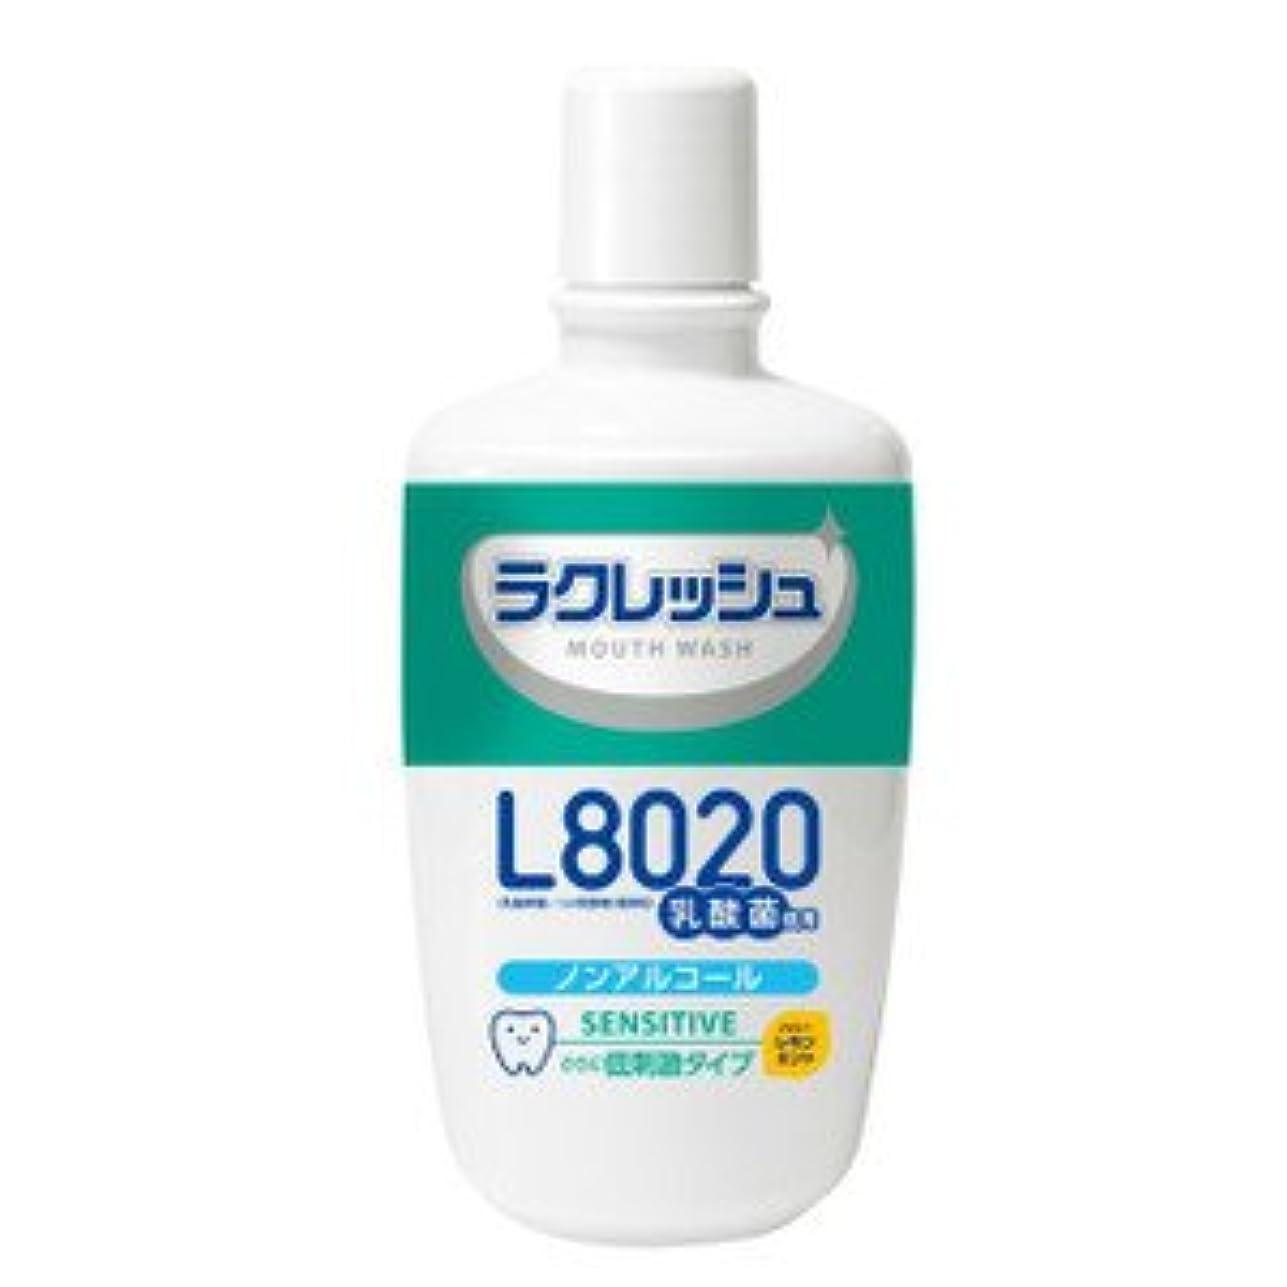 エクスタシープレゼントサミュエルジェクス ラクレッシュ L8020乳酸菌 マウスウォッシュ 洗口液センシティブタイプ 300ml×10個セット